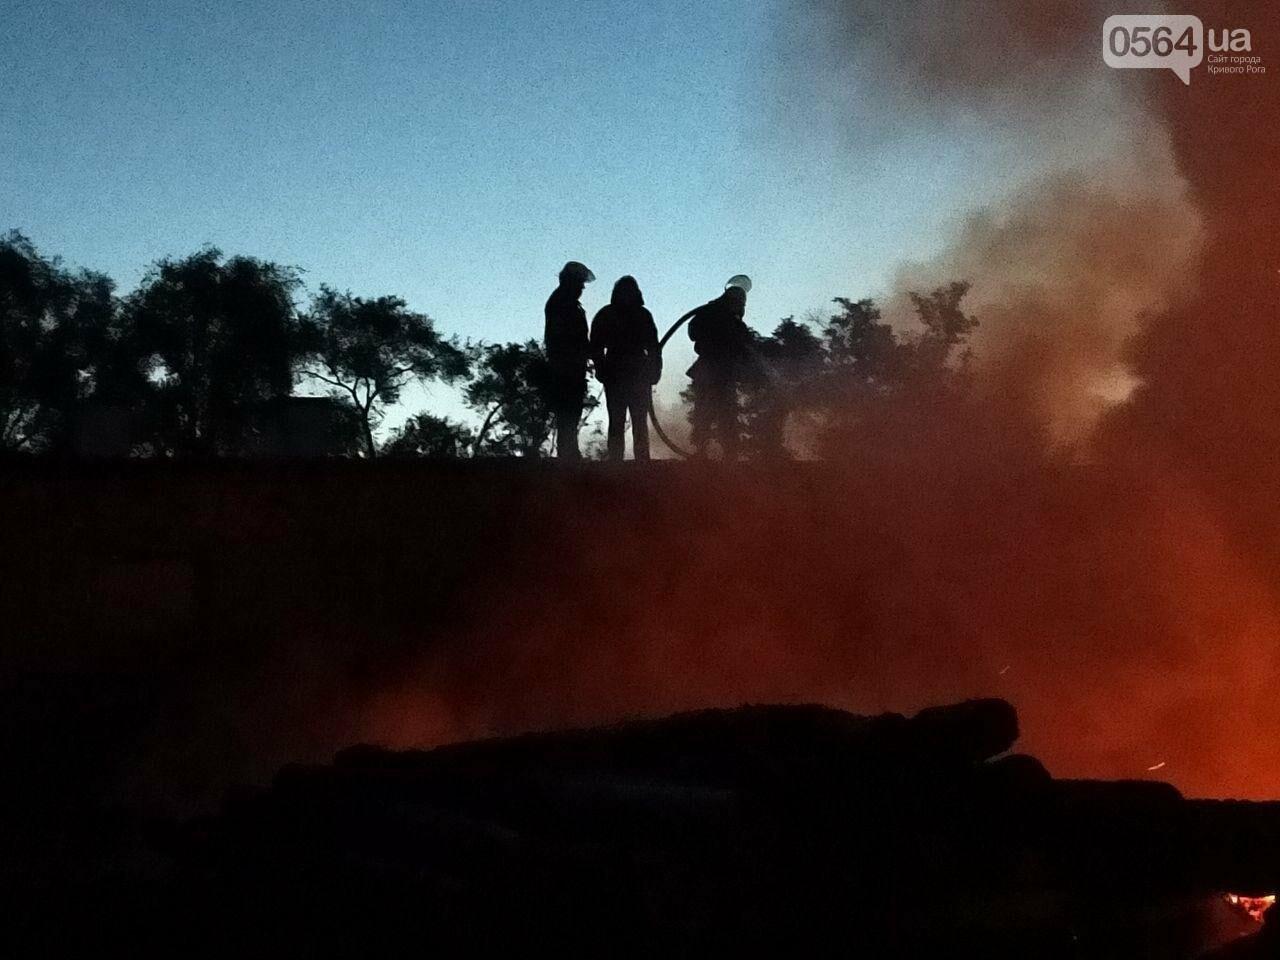 На деревообрабатывающем предприятии Кривого Рога огонь уничтожил несколько сотен квадратных метров бруса, - ФОТО, ВИДЕО, фото-3